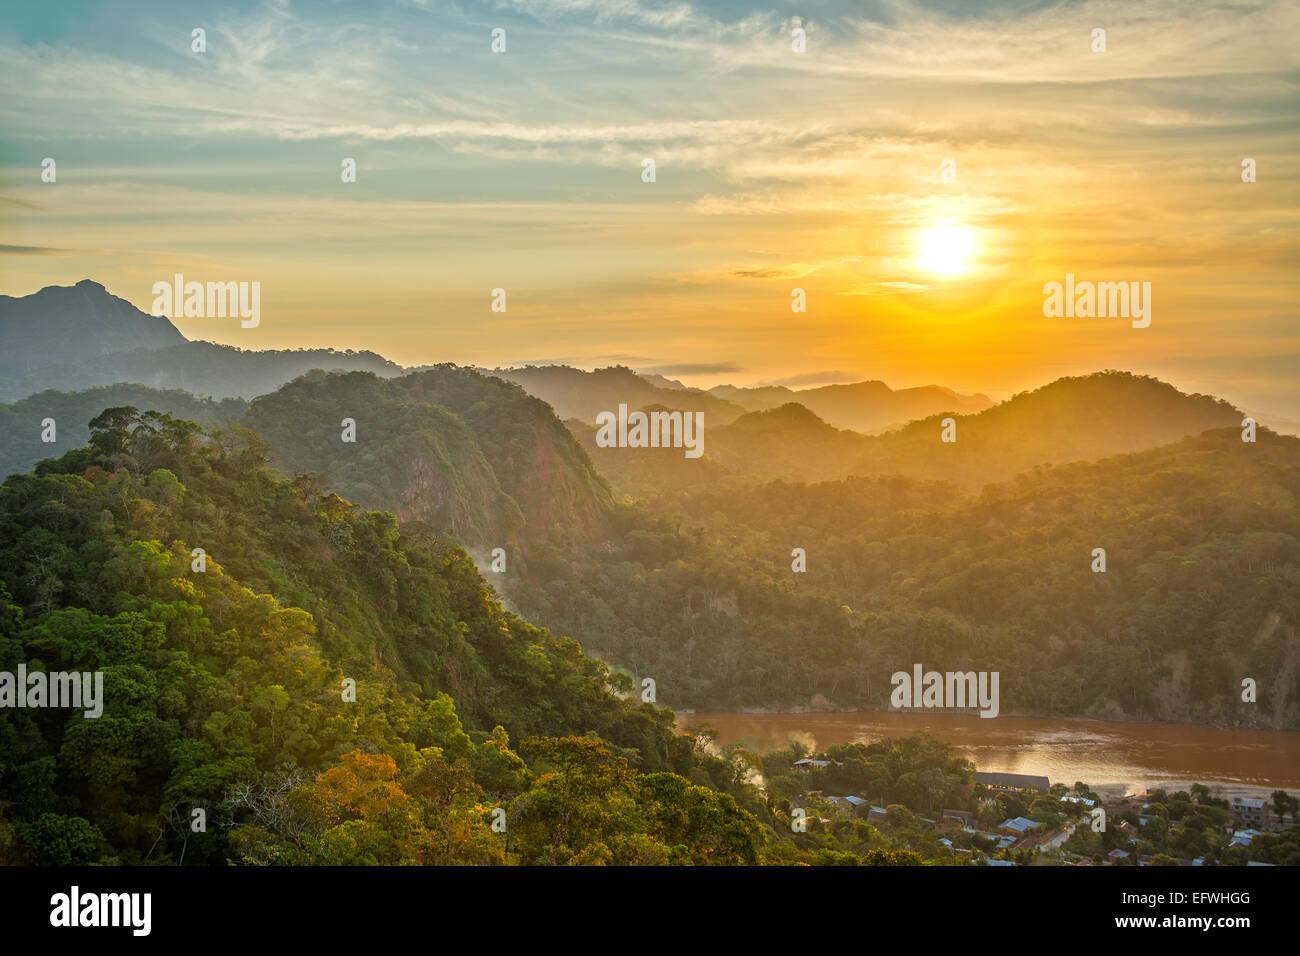 Puesta de sol a lo largo de exuberantes y verdes colinas cubiertas de selva, con el río Beni visibles en Rurrenabaque, Imagen De Stock